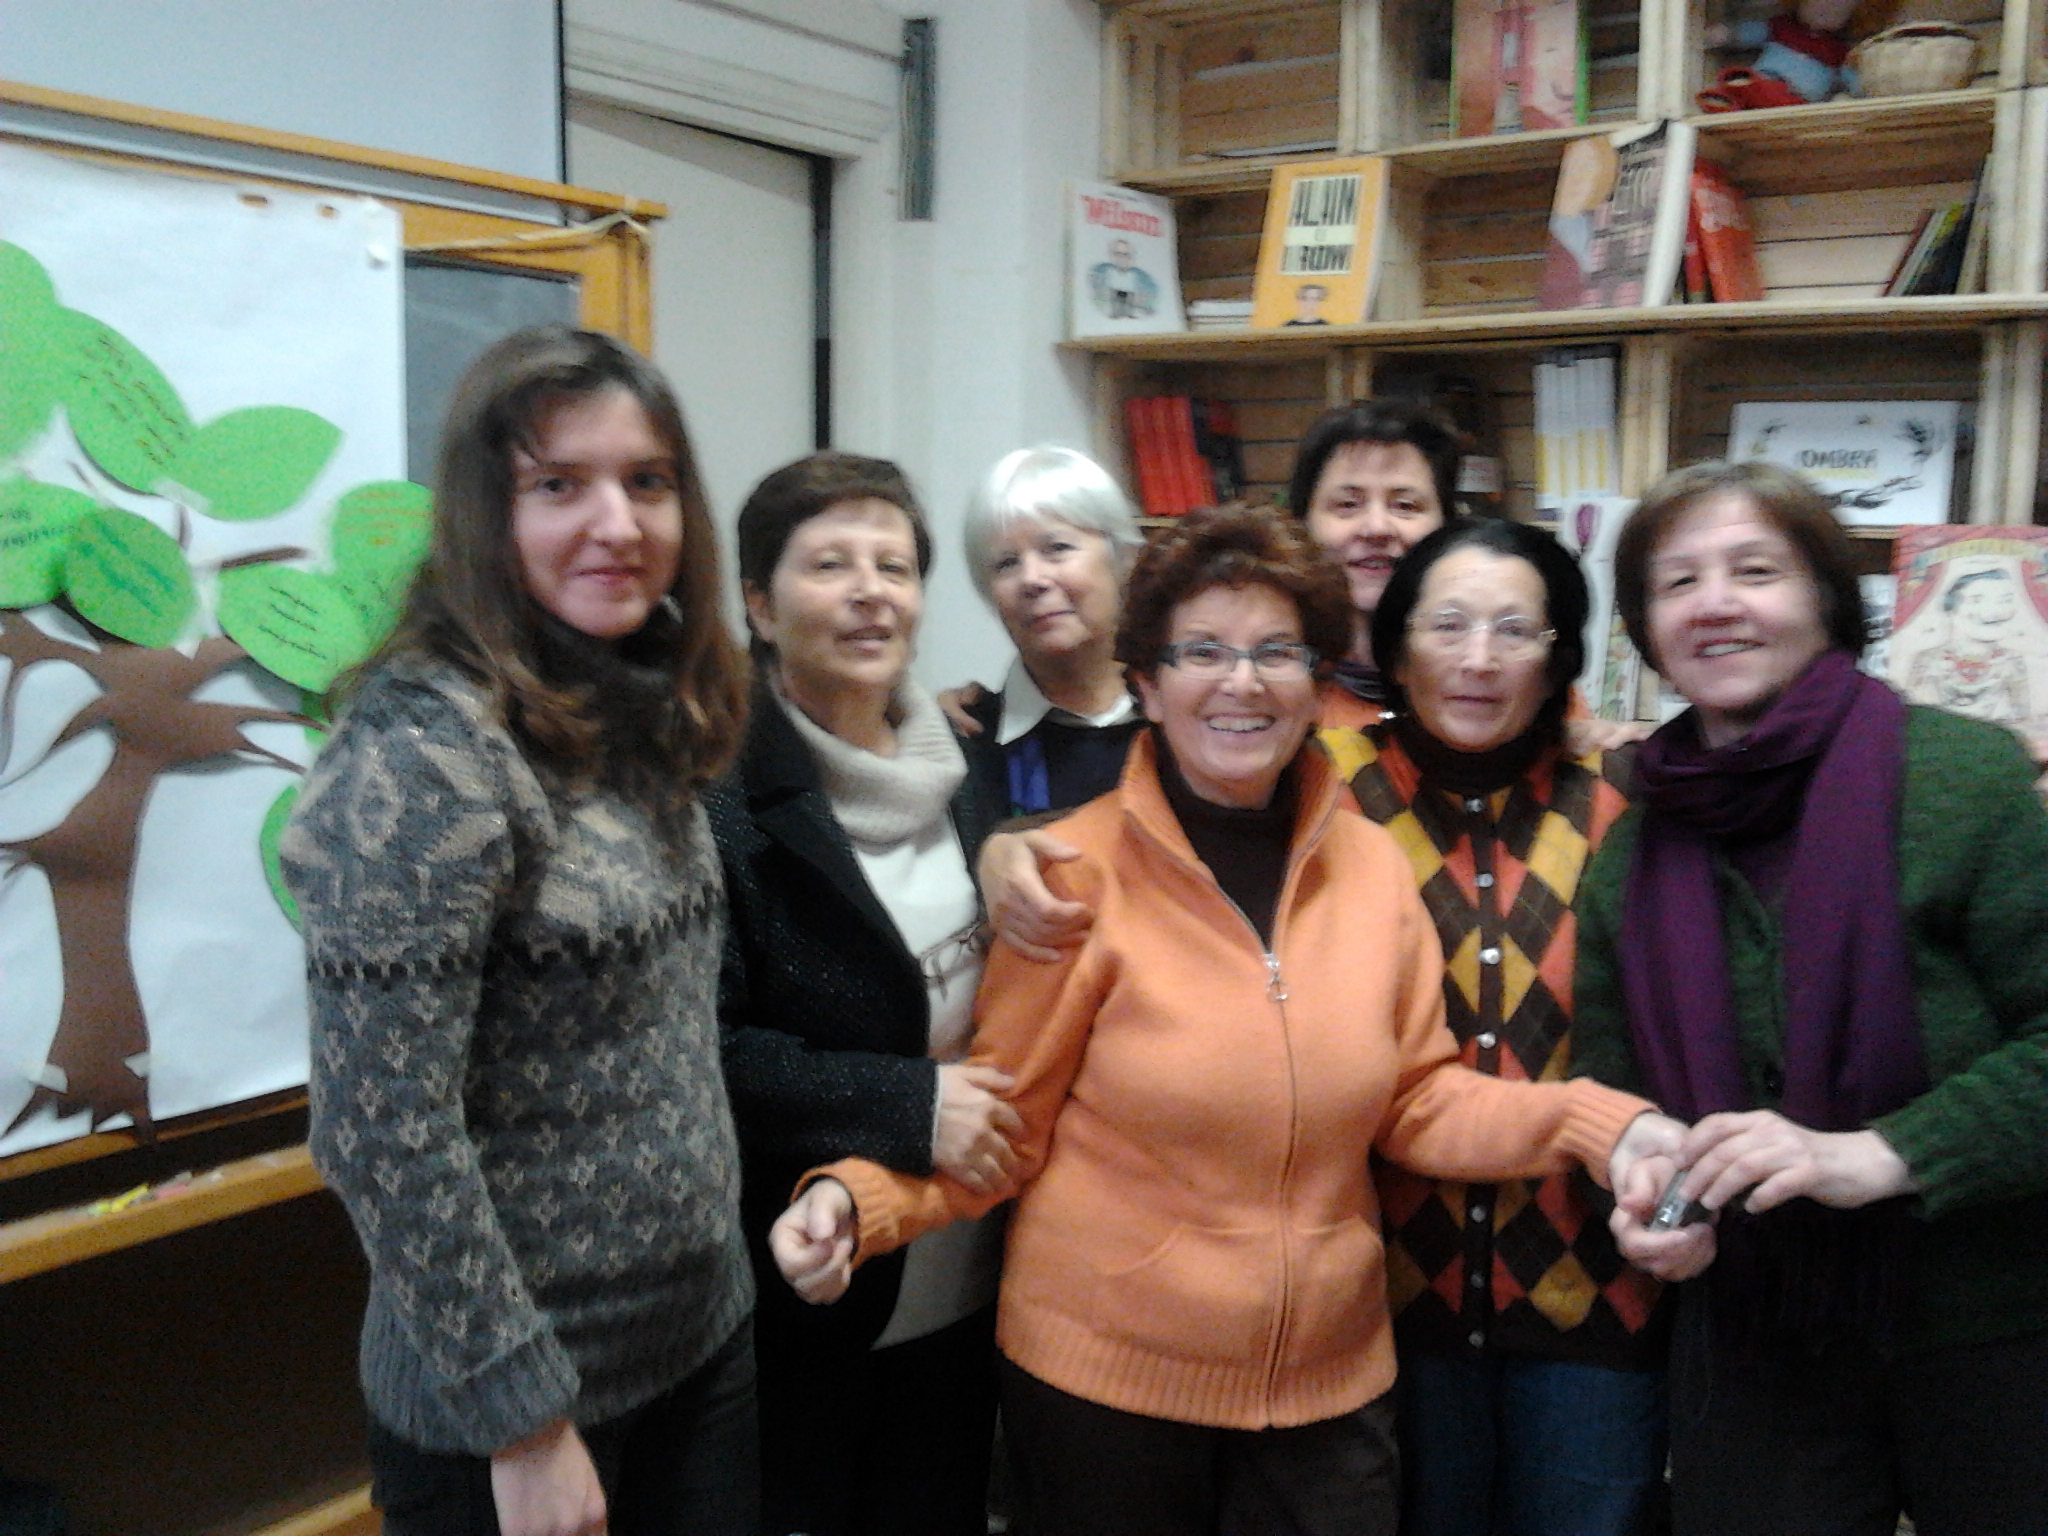 L'Anno Europeo dell'Invecchiamento Attivo e della Solidarietà tra le Generazioni